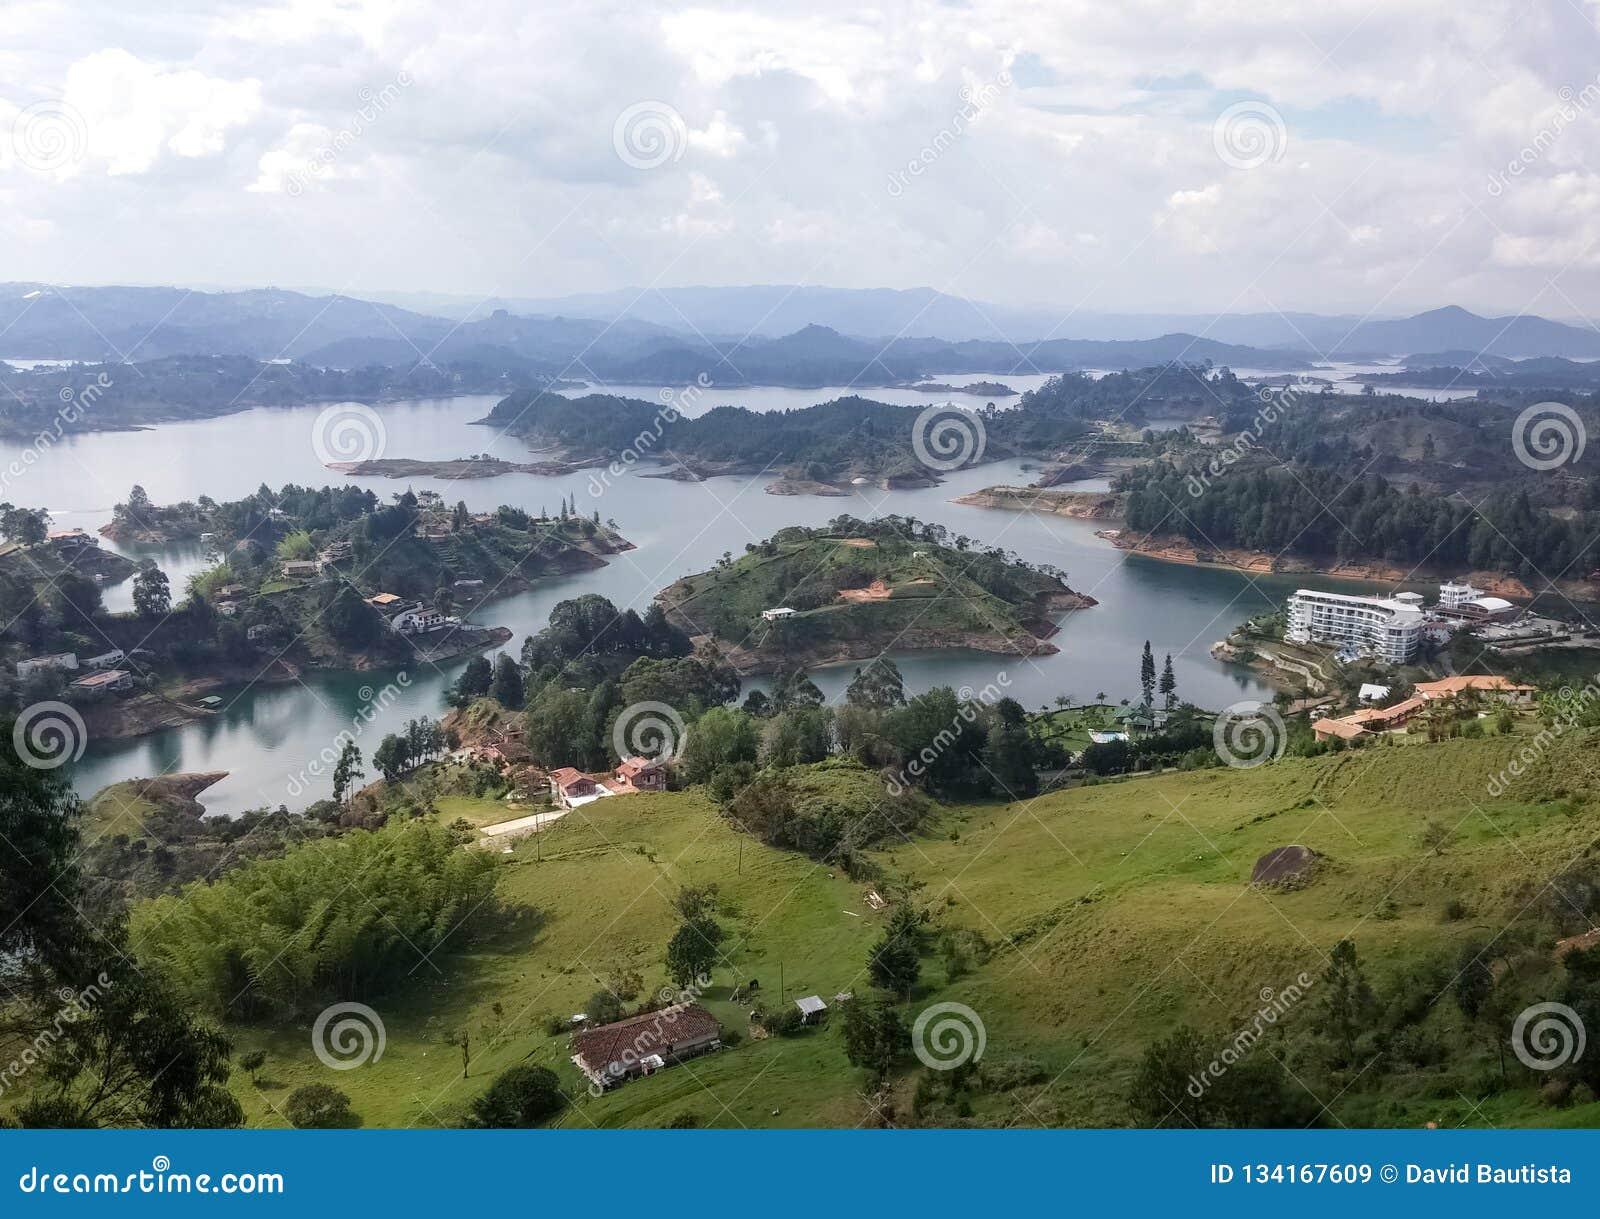 Landschaft mit ruhigen Seen, grünen Bergen, üppigen Wäldern und einigen Sommerlandhäusern